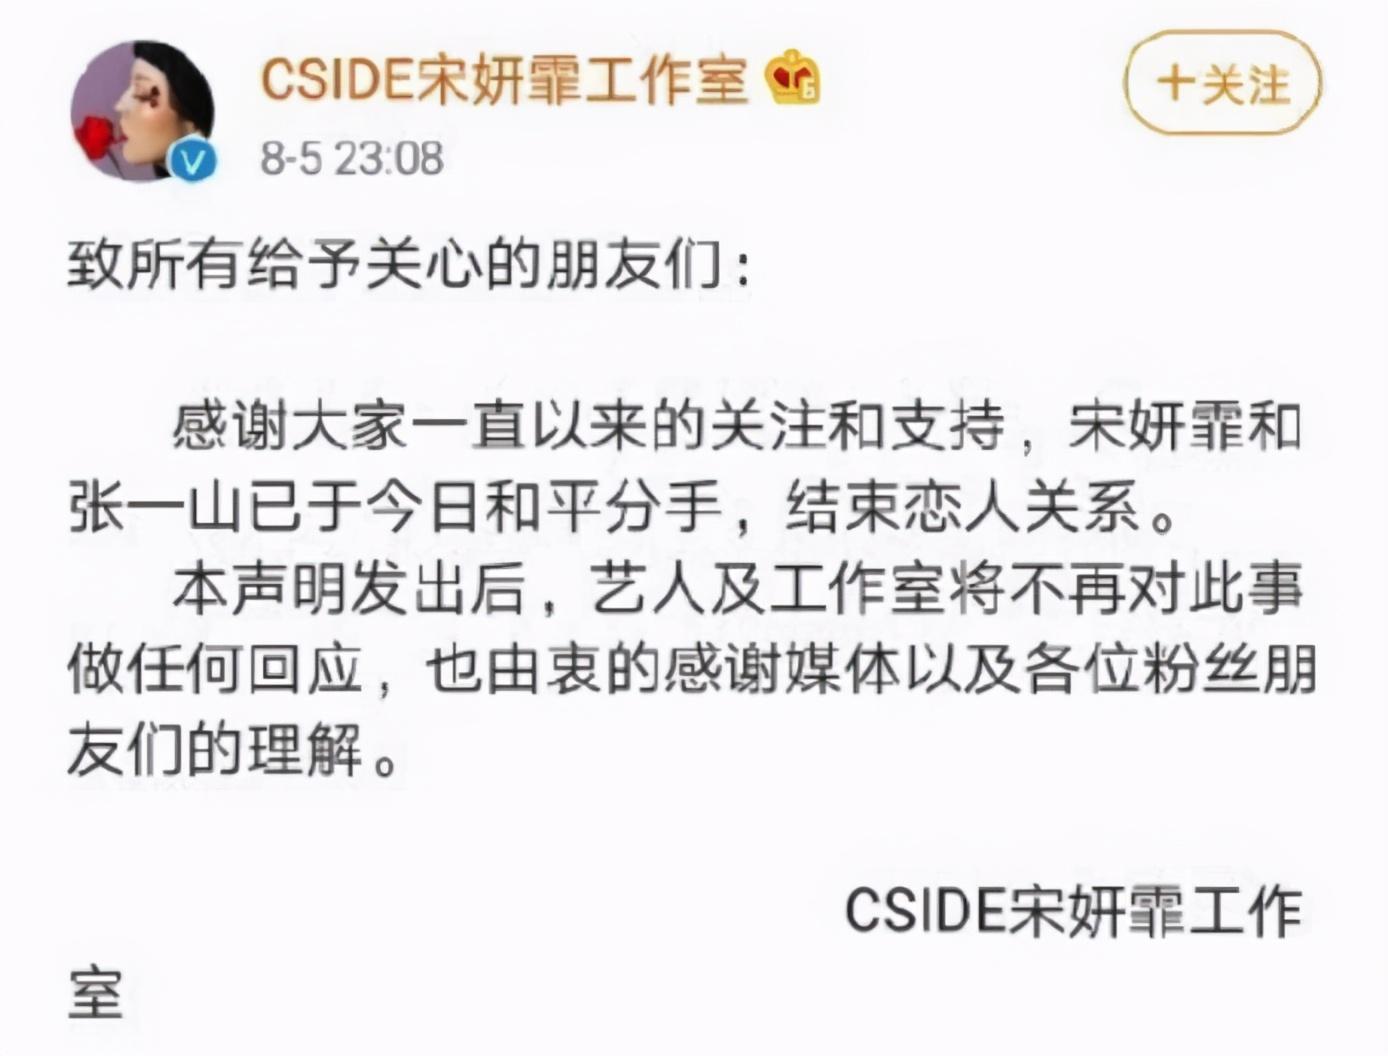 和宋妍霏分手才两月,张一山频传绯闻,杨紫选择和他做哥们很明智